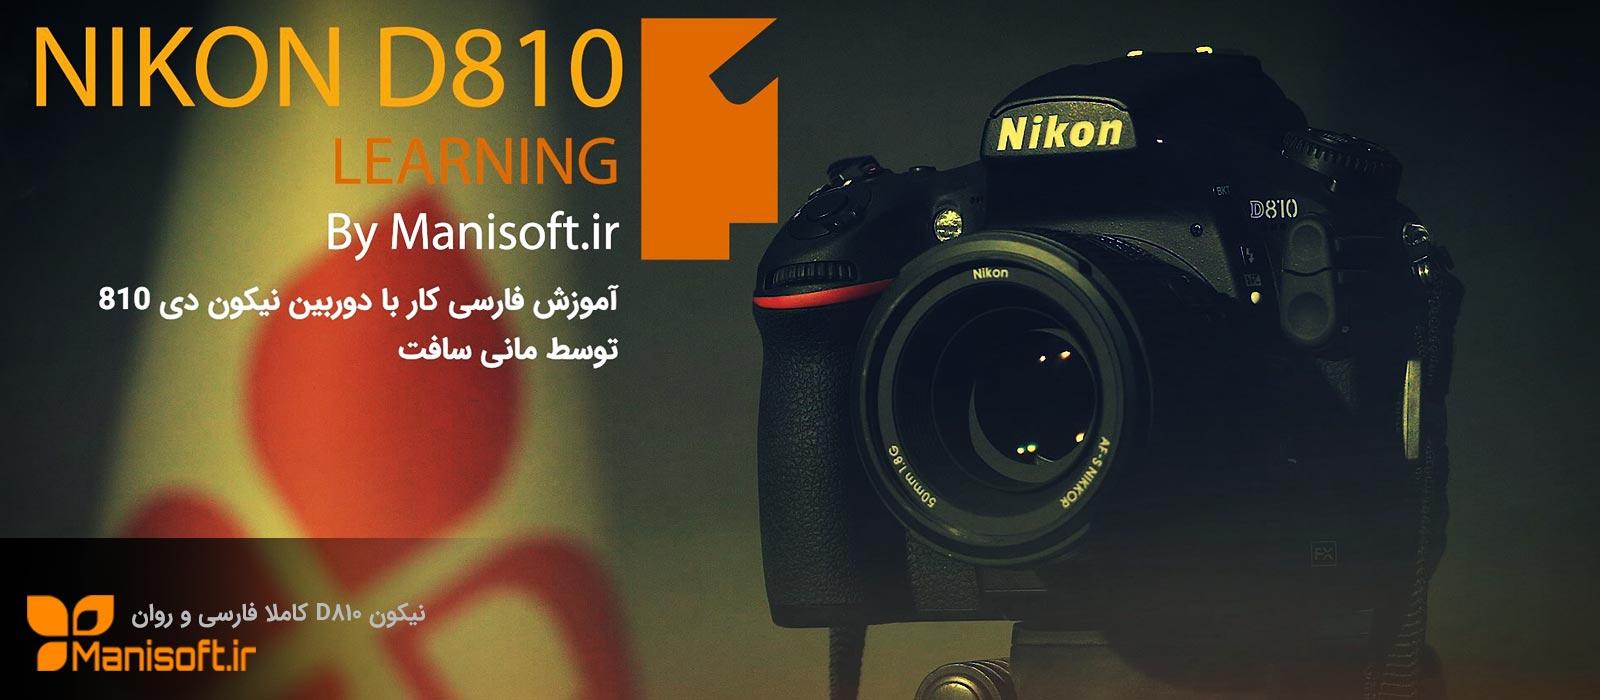 آموزش فارسی کار با تنظیمات دوربین نیکون Nikon ِ810 ویدیویی